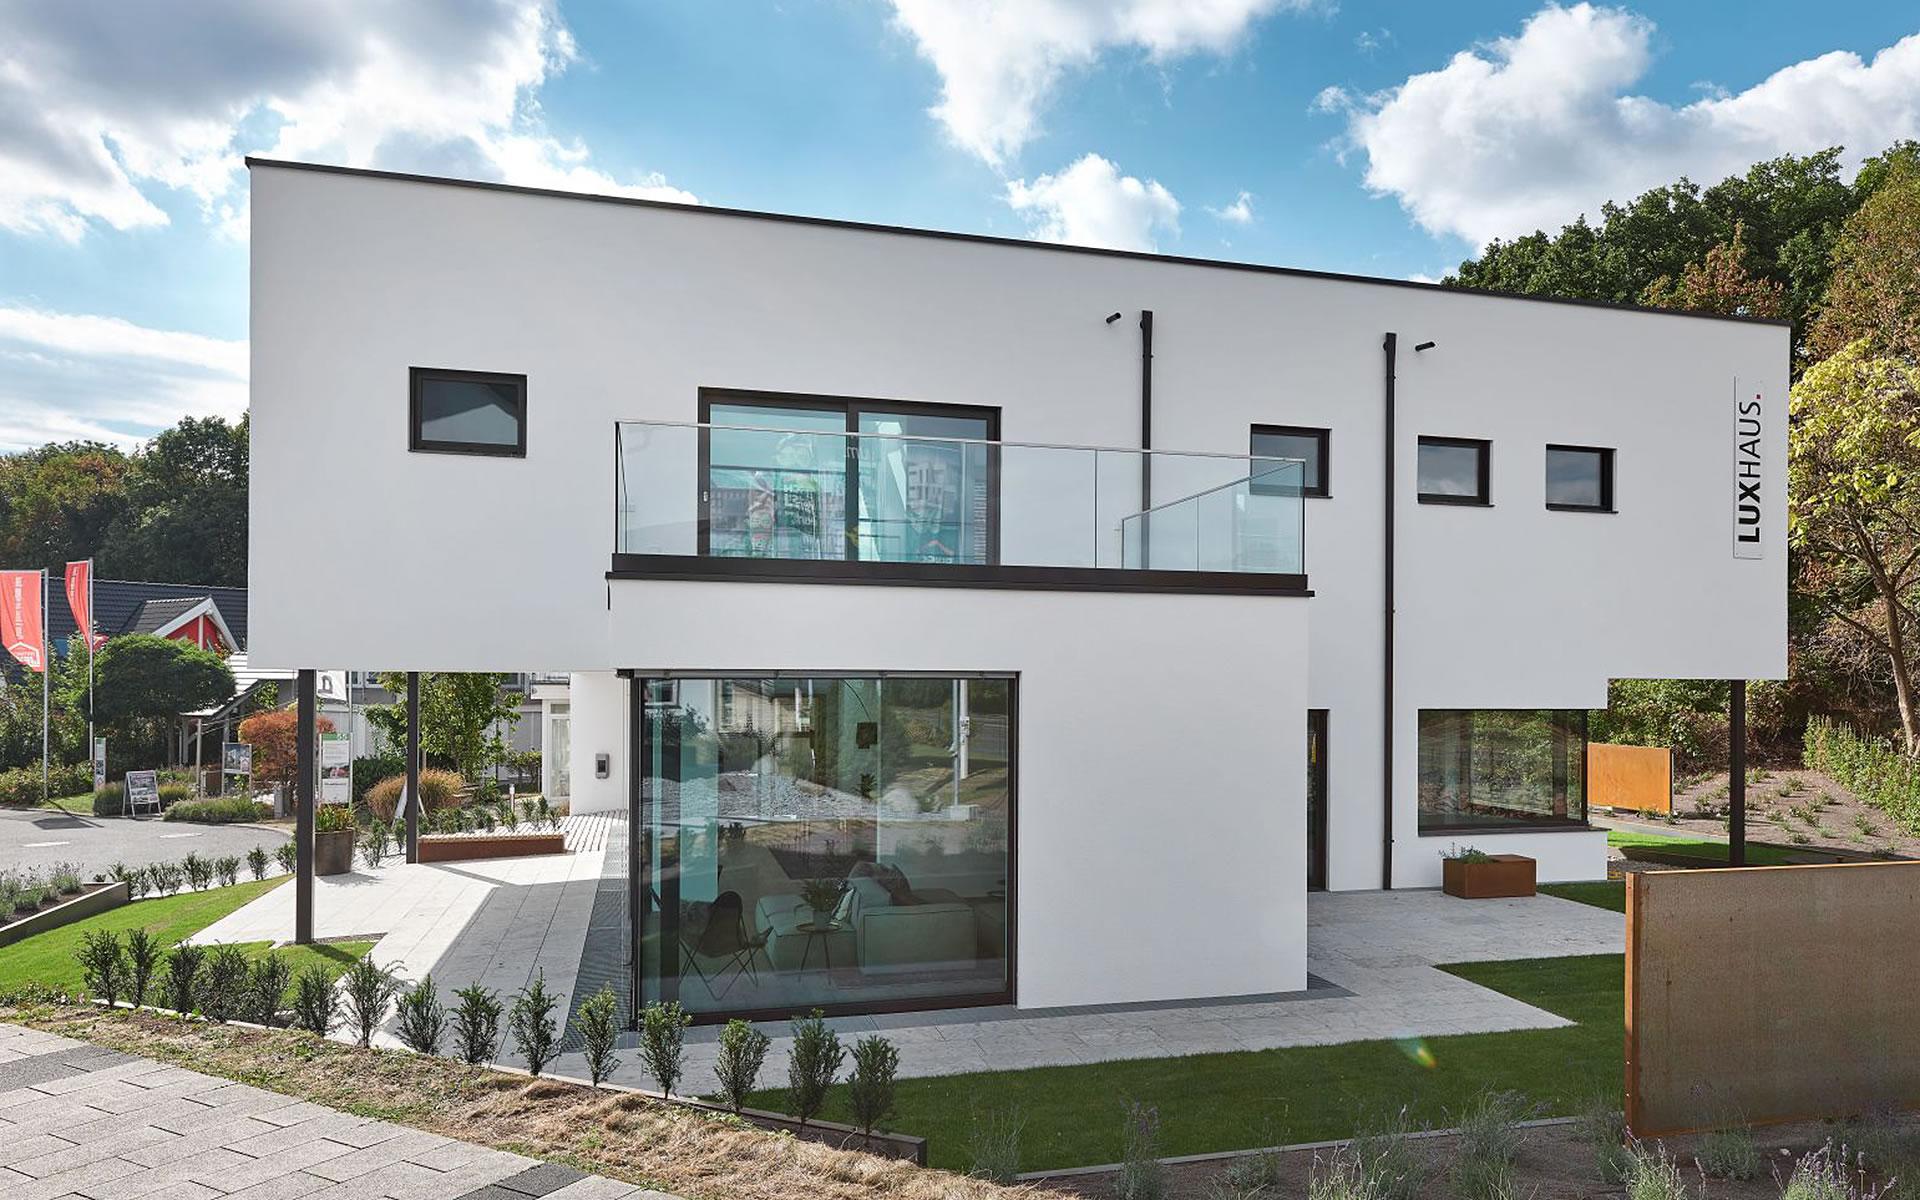 Musterhaus Bad Vilbel von LUXHAUS Vertrieb GmbH & Co. KG